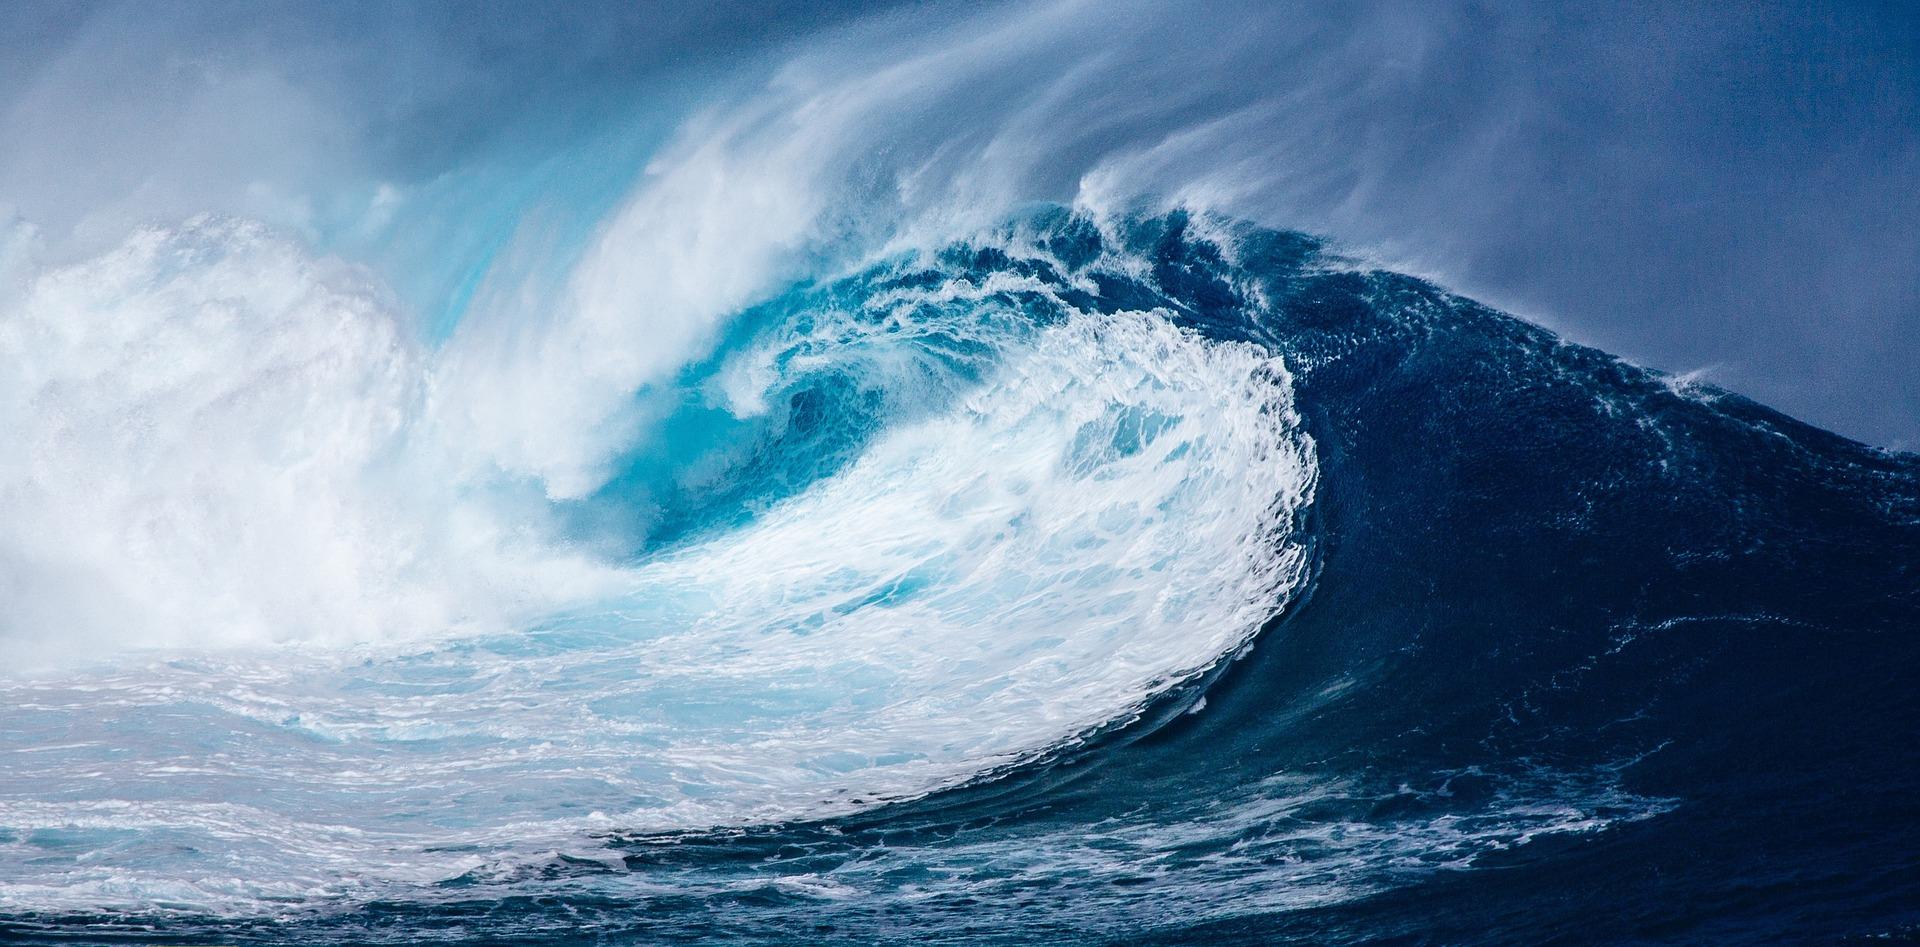 matériels de sécurité en mer